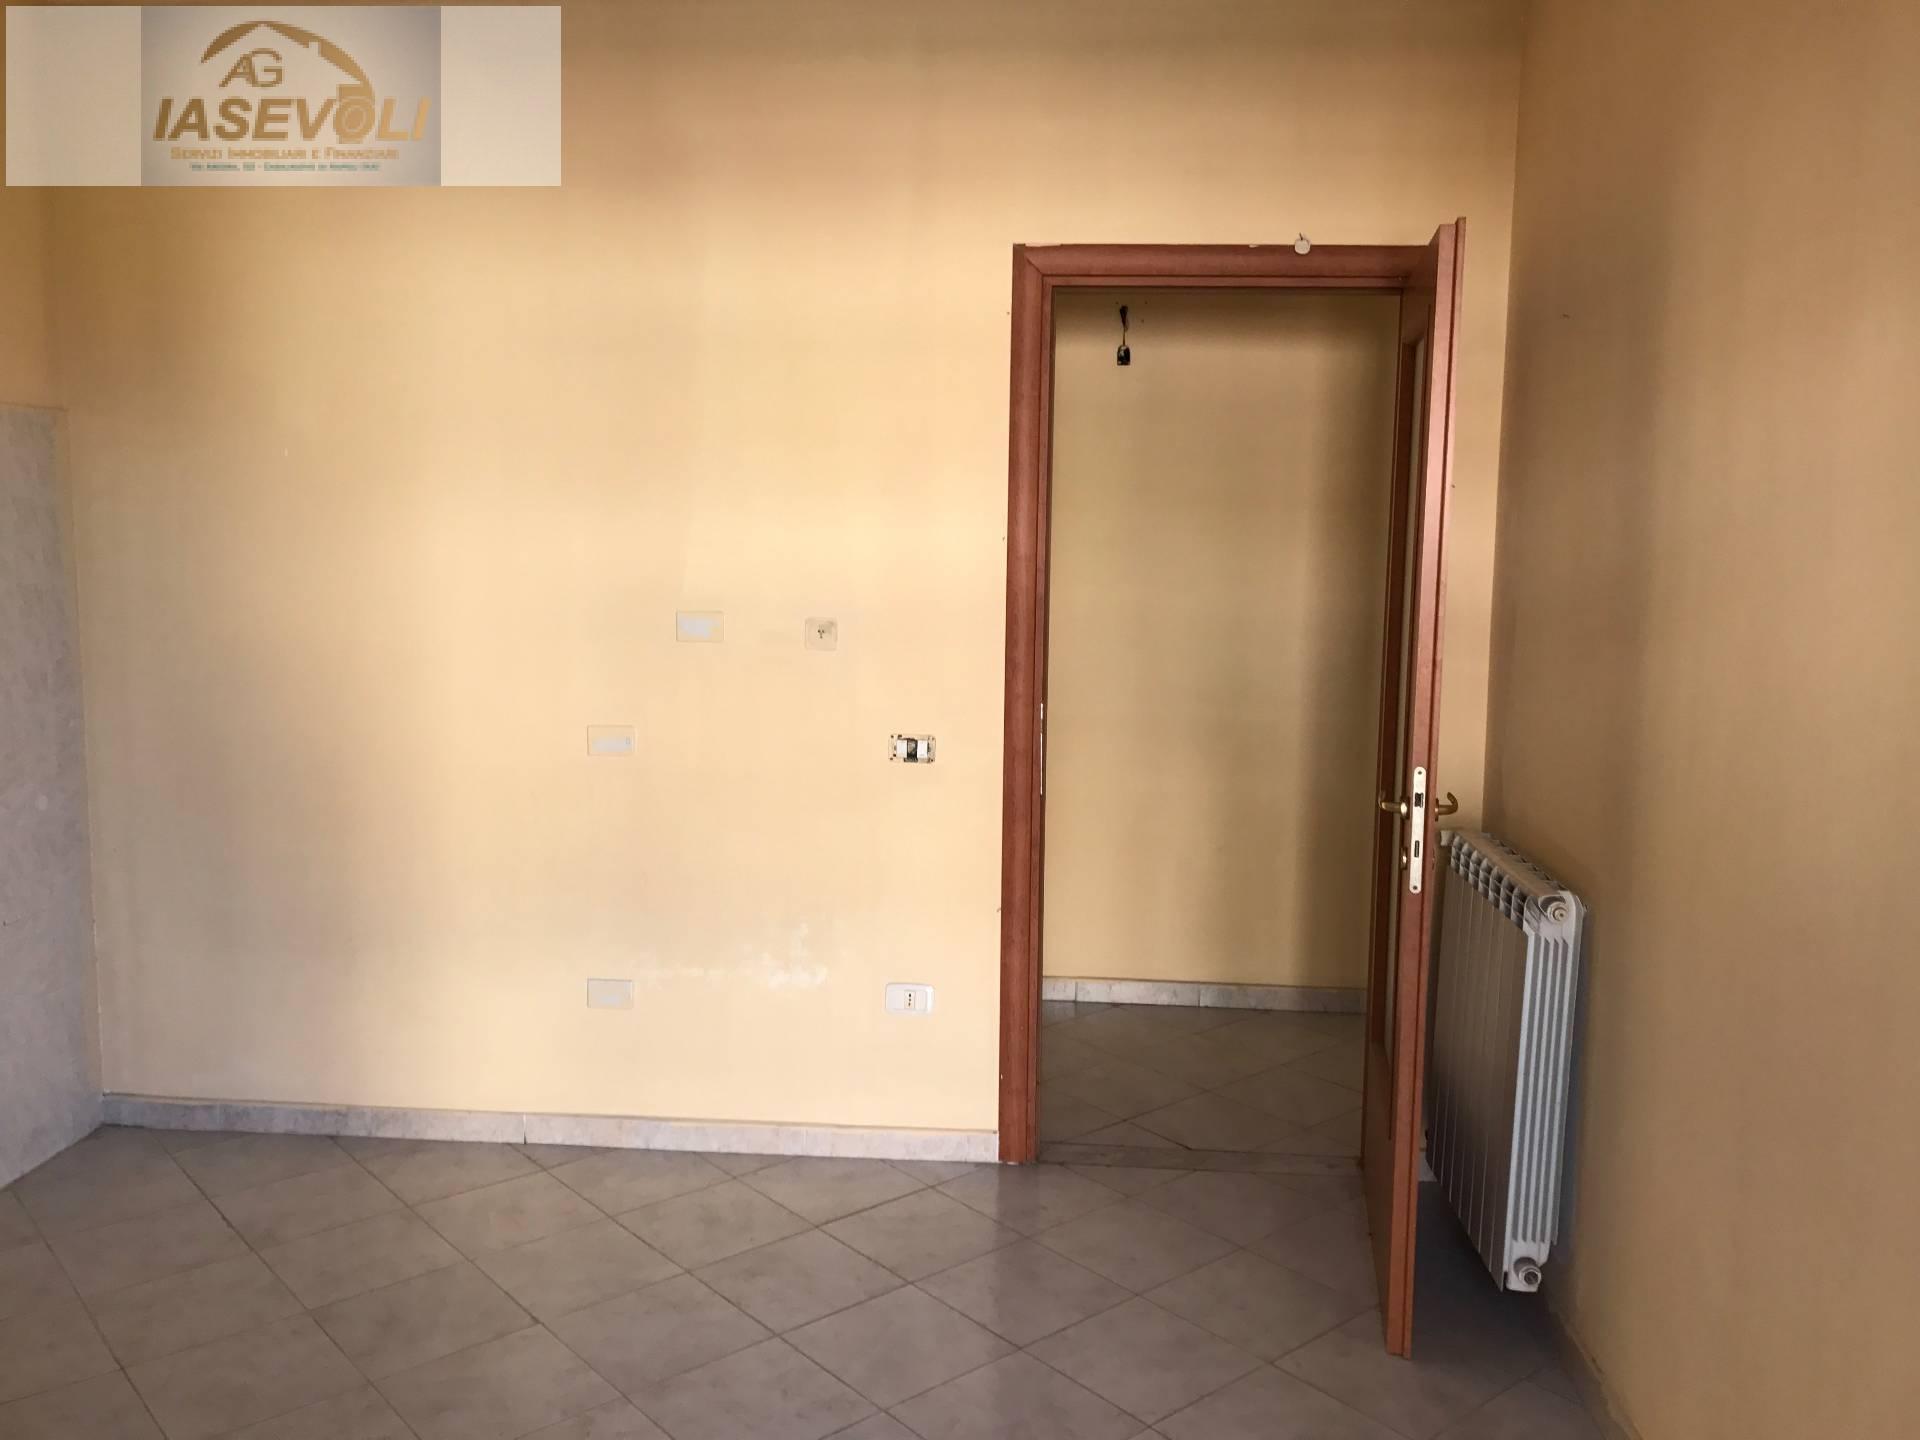 Appartamento in affitto a Casalnuovo di Napoli, 4 locali, prezzo € 112.000 | Cambio Casa.it